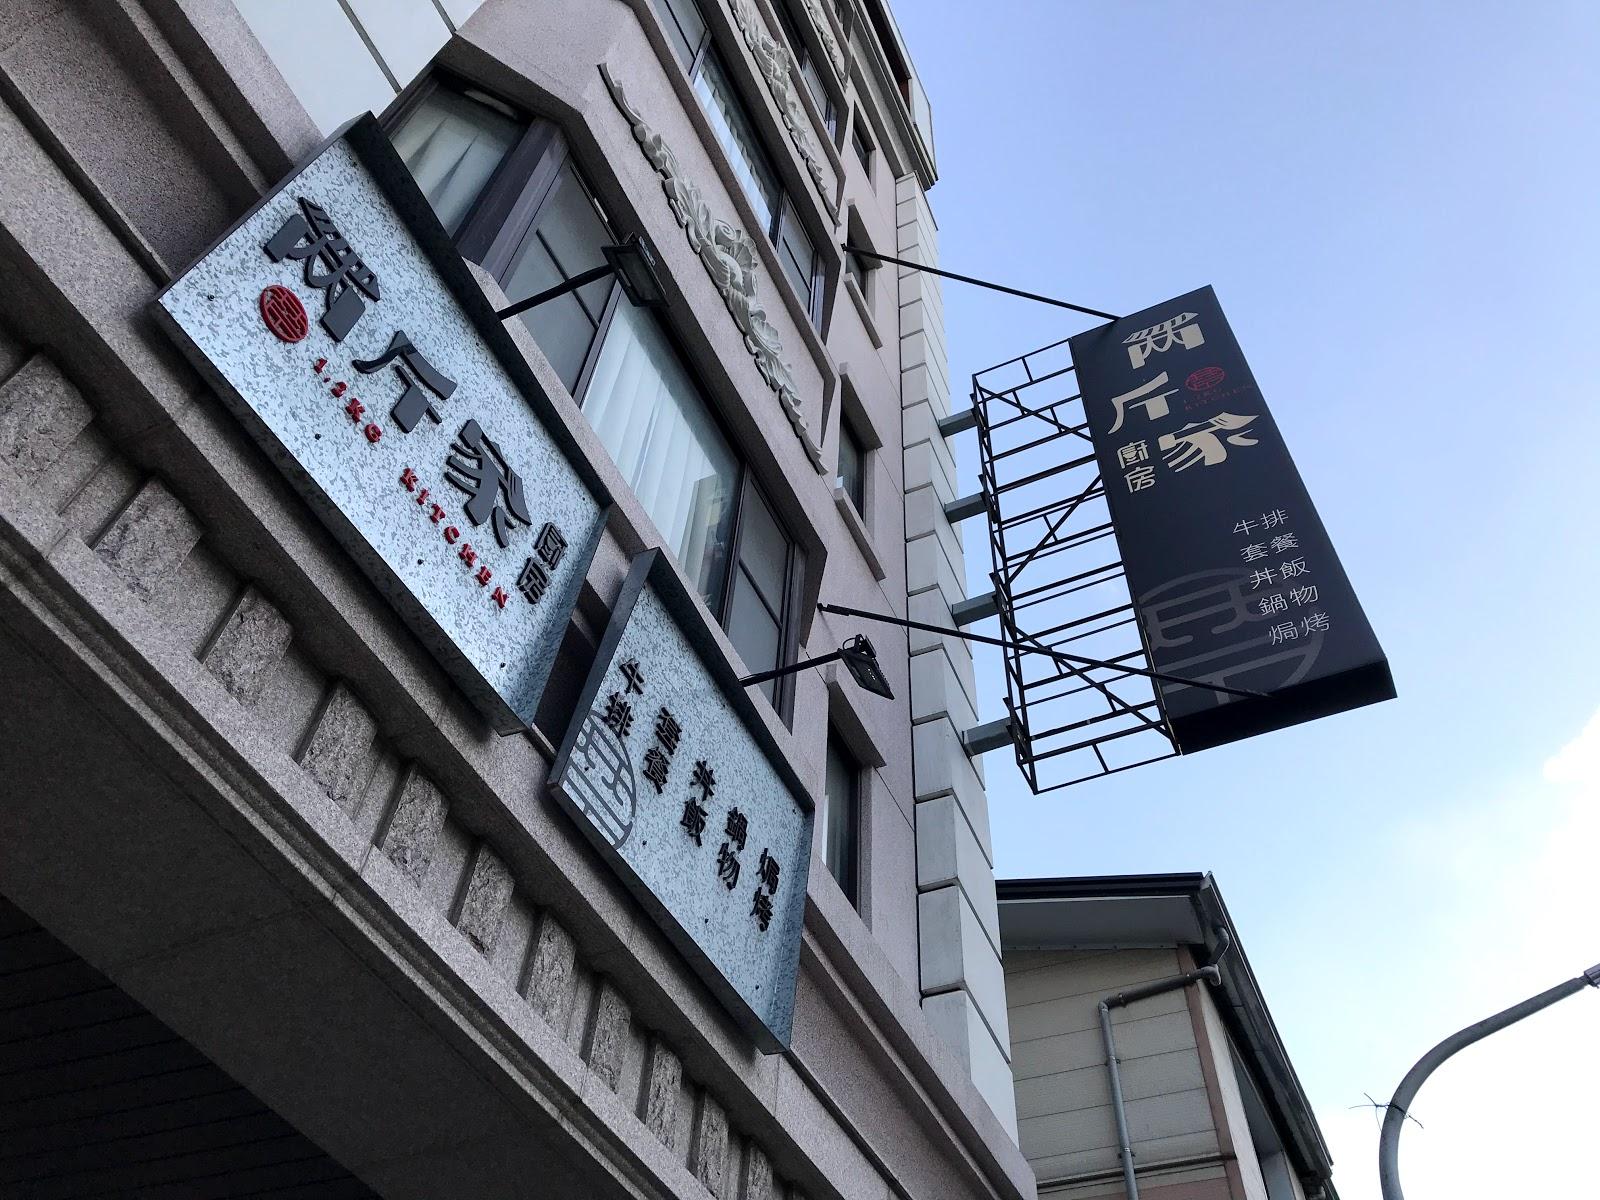 【台南|東區】兩斤家廚房 1.2 kg kitchen|簡餐推薦|有靈魂的唐揚雞|銷魂的明太子豬排|最好吃的唐揚雞|簡約工業風